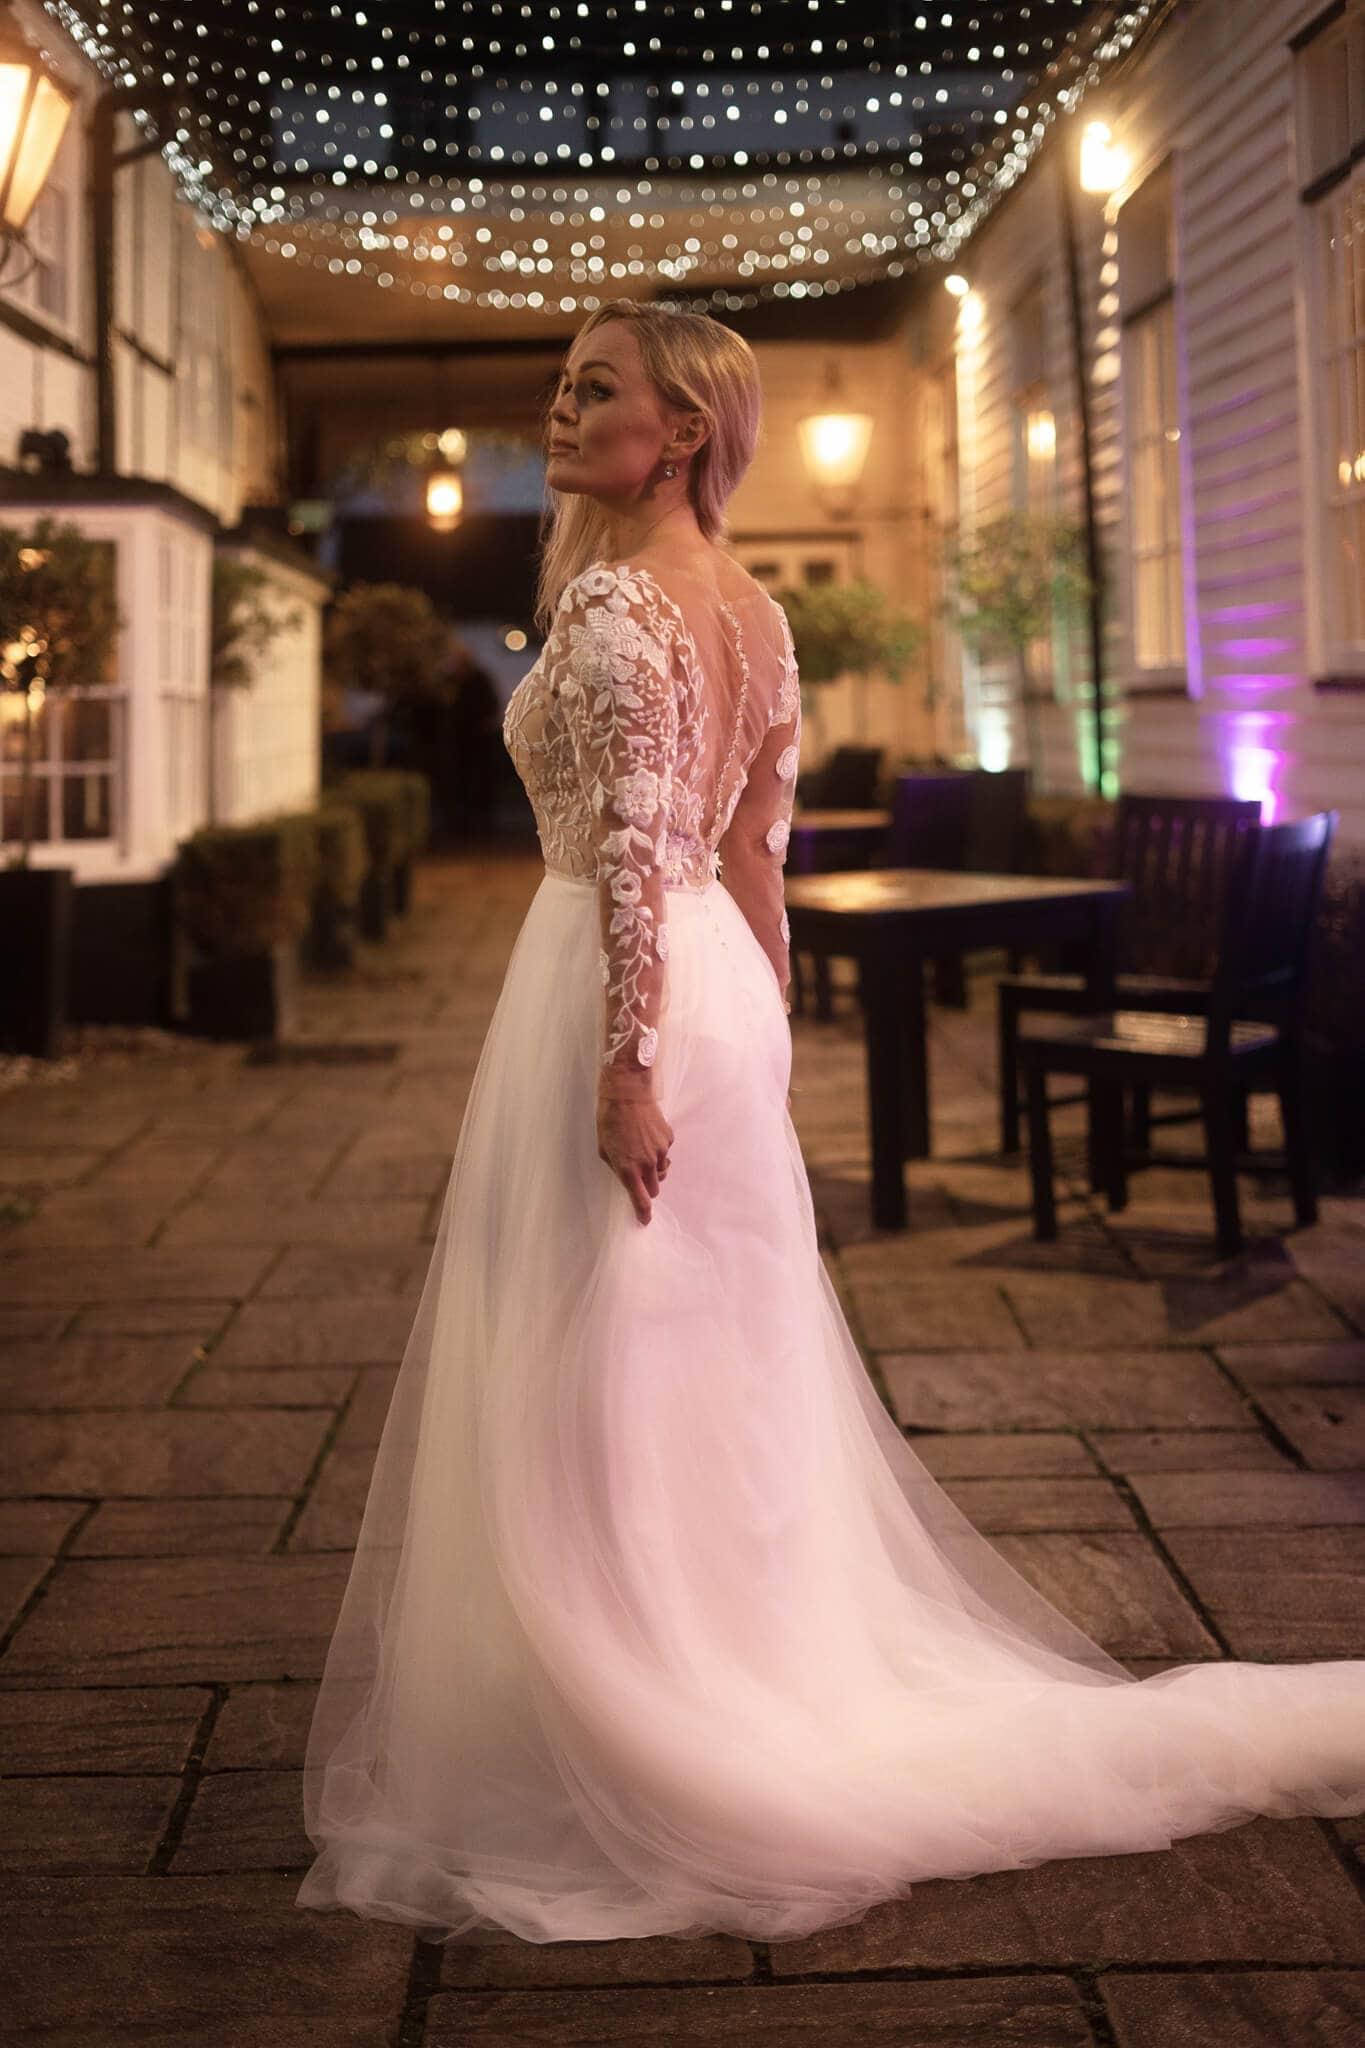 lace wedding dress boho wedding dress wedding dress shop near me bridal shop near me 5 5